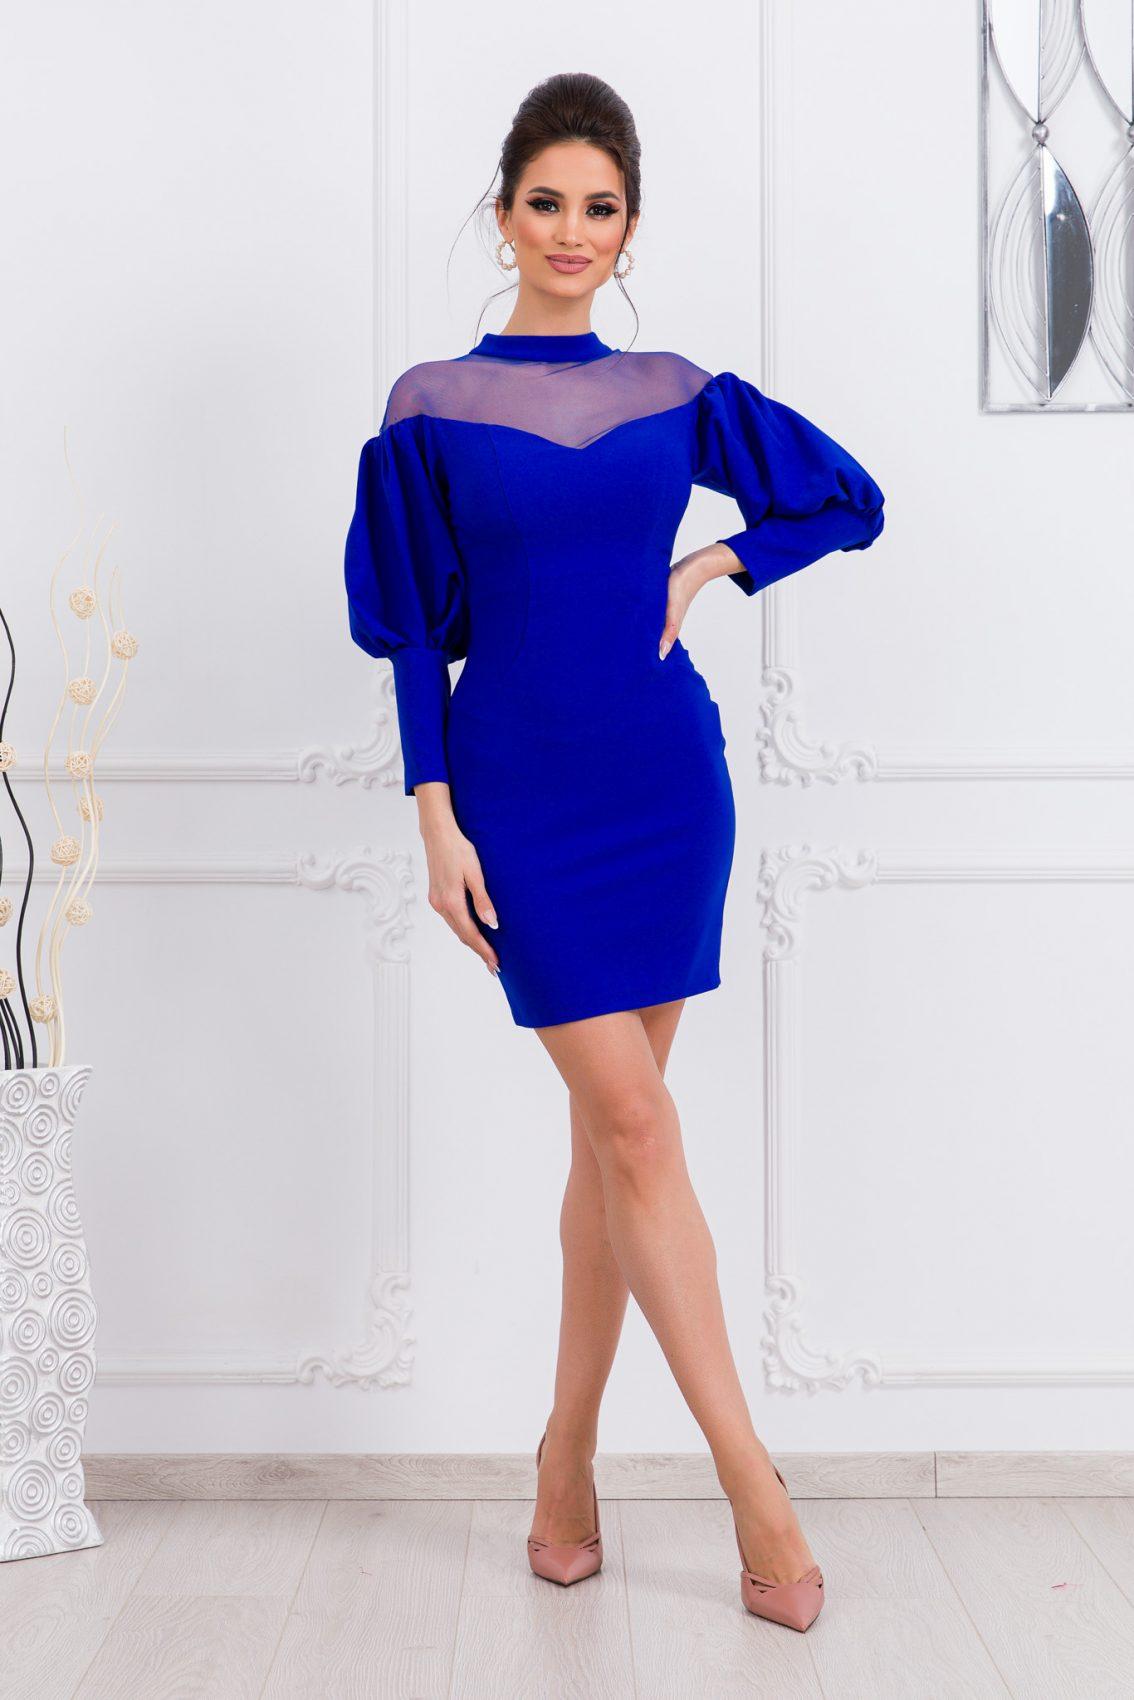 Μπλε Ρουά Φόρεμα Με Φουσκωτά Μανίκια Aliss 9712 1